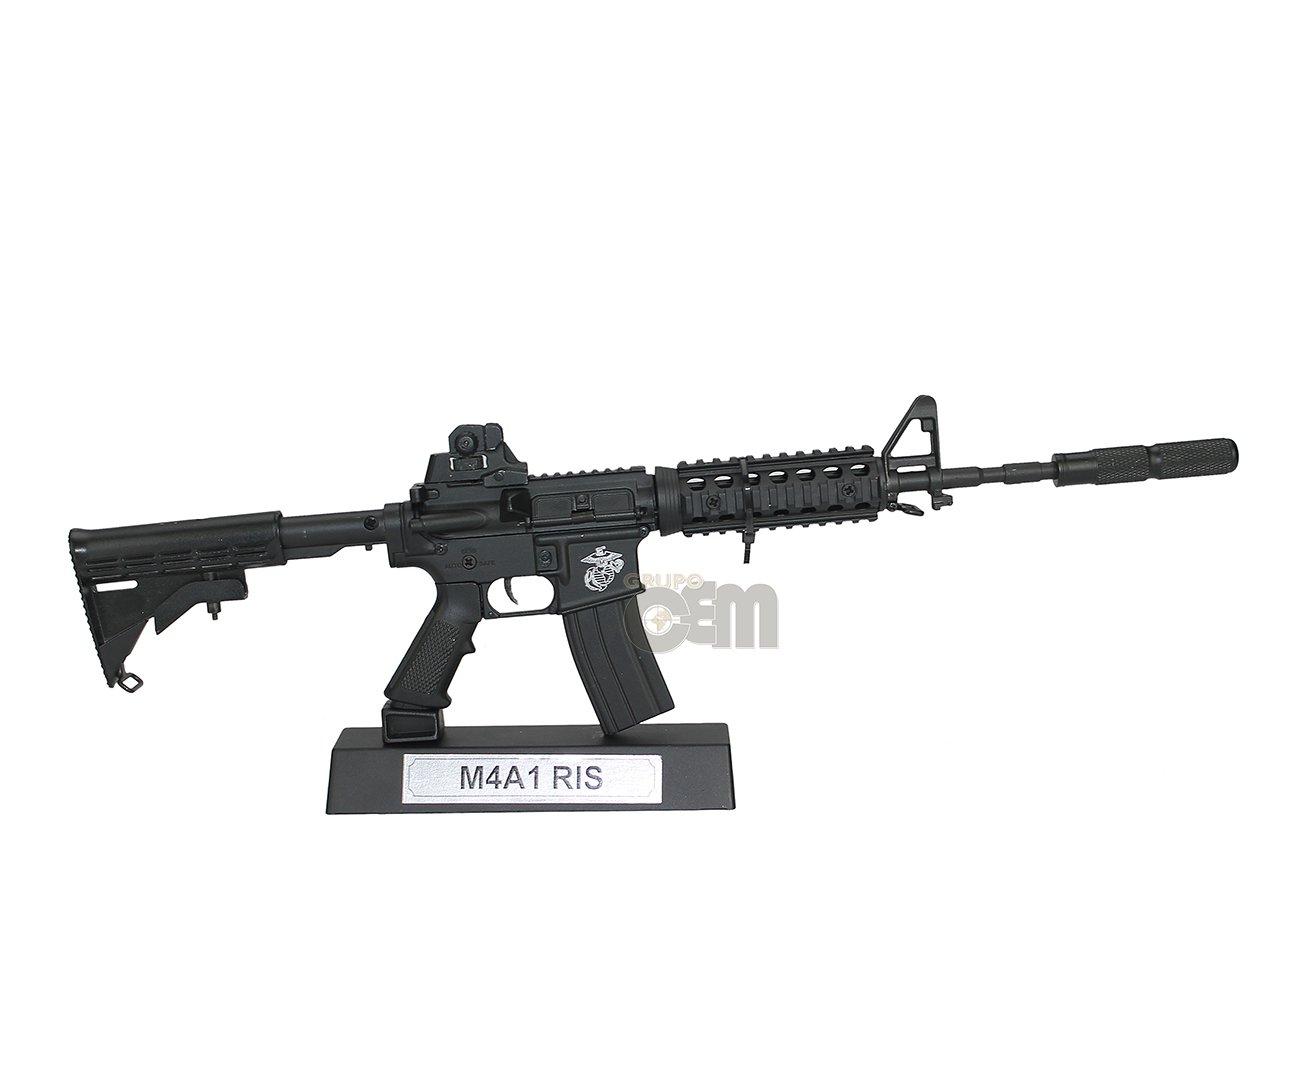 Rifle M4a1 Ris Black Miniaturai Metática - Arsenal Guns